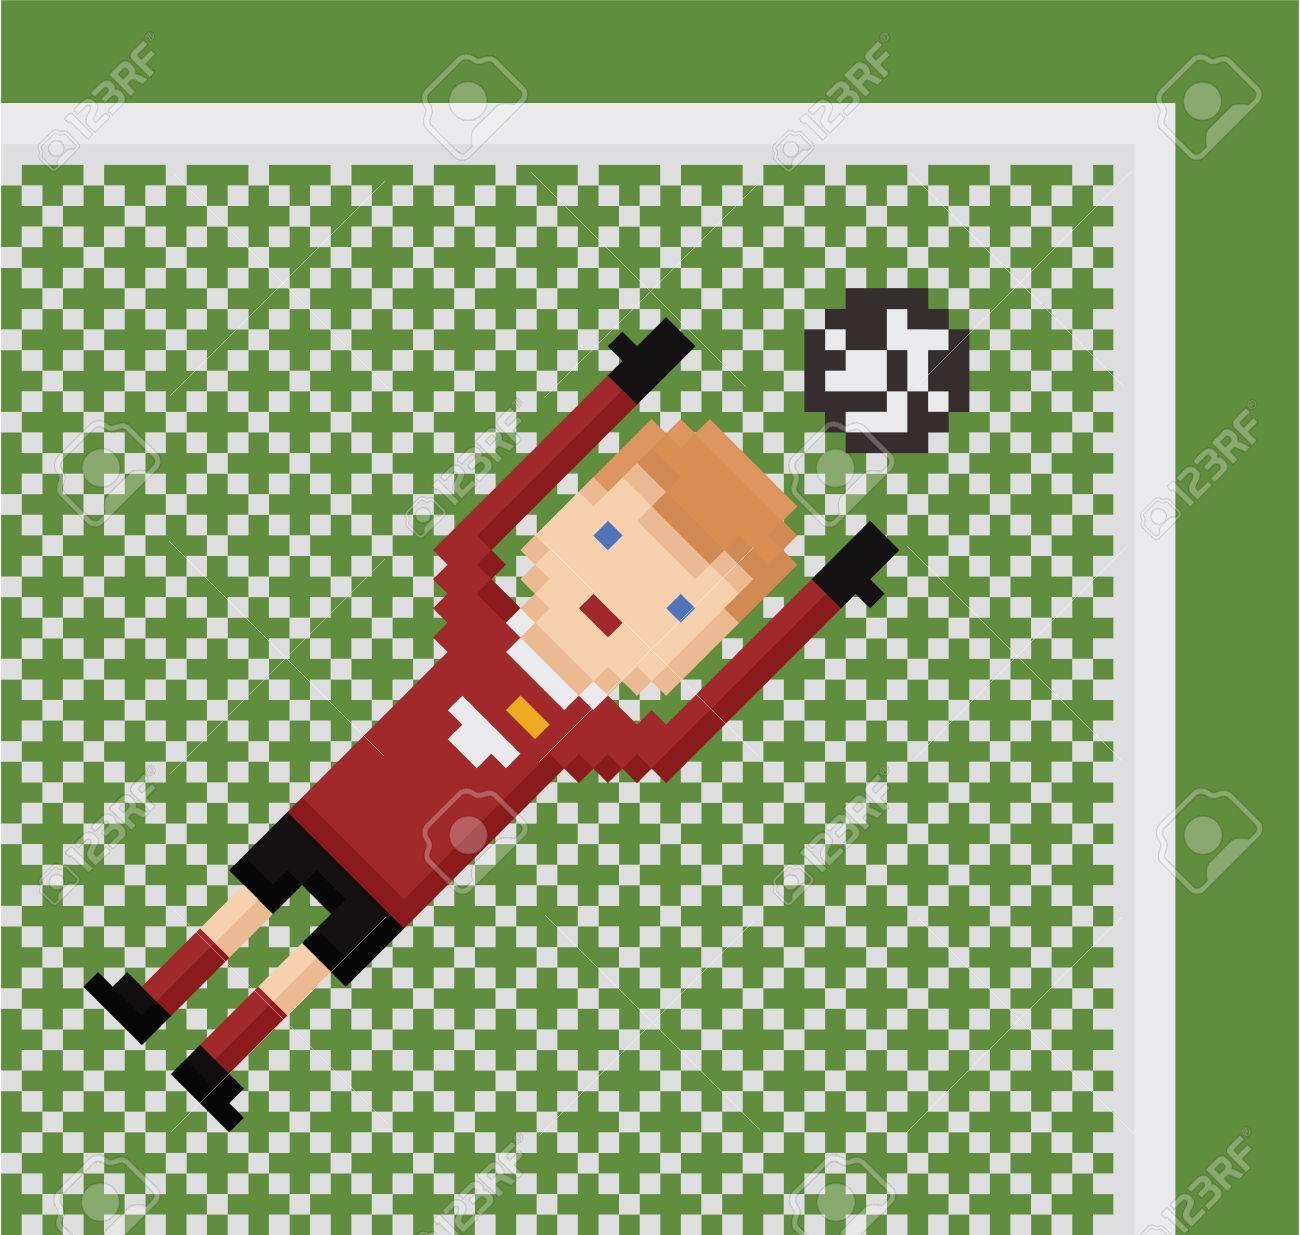 pixel art foot